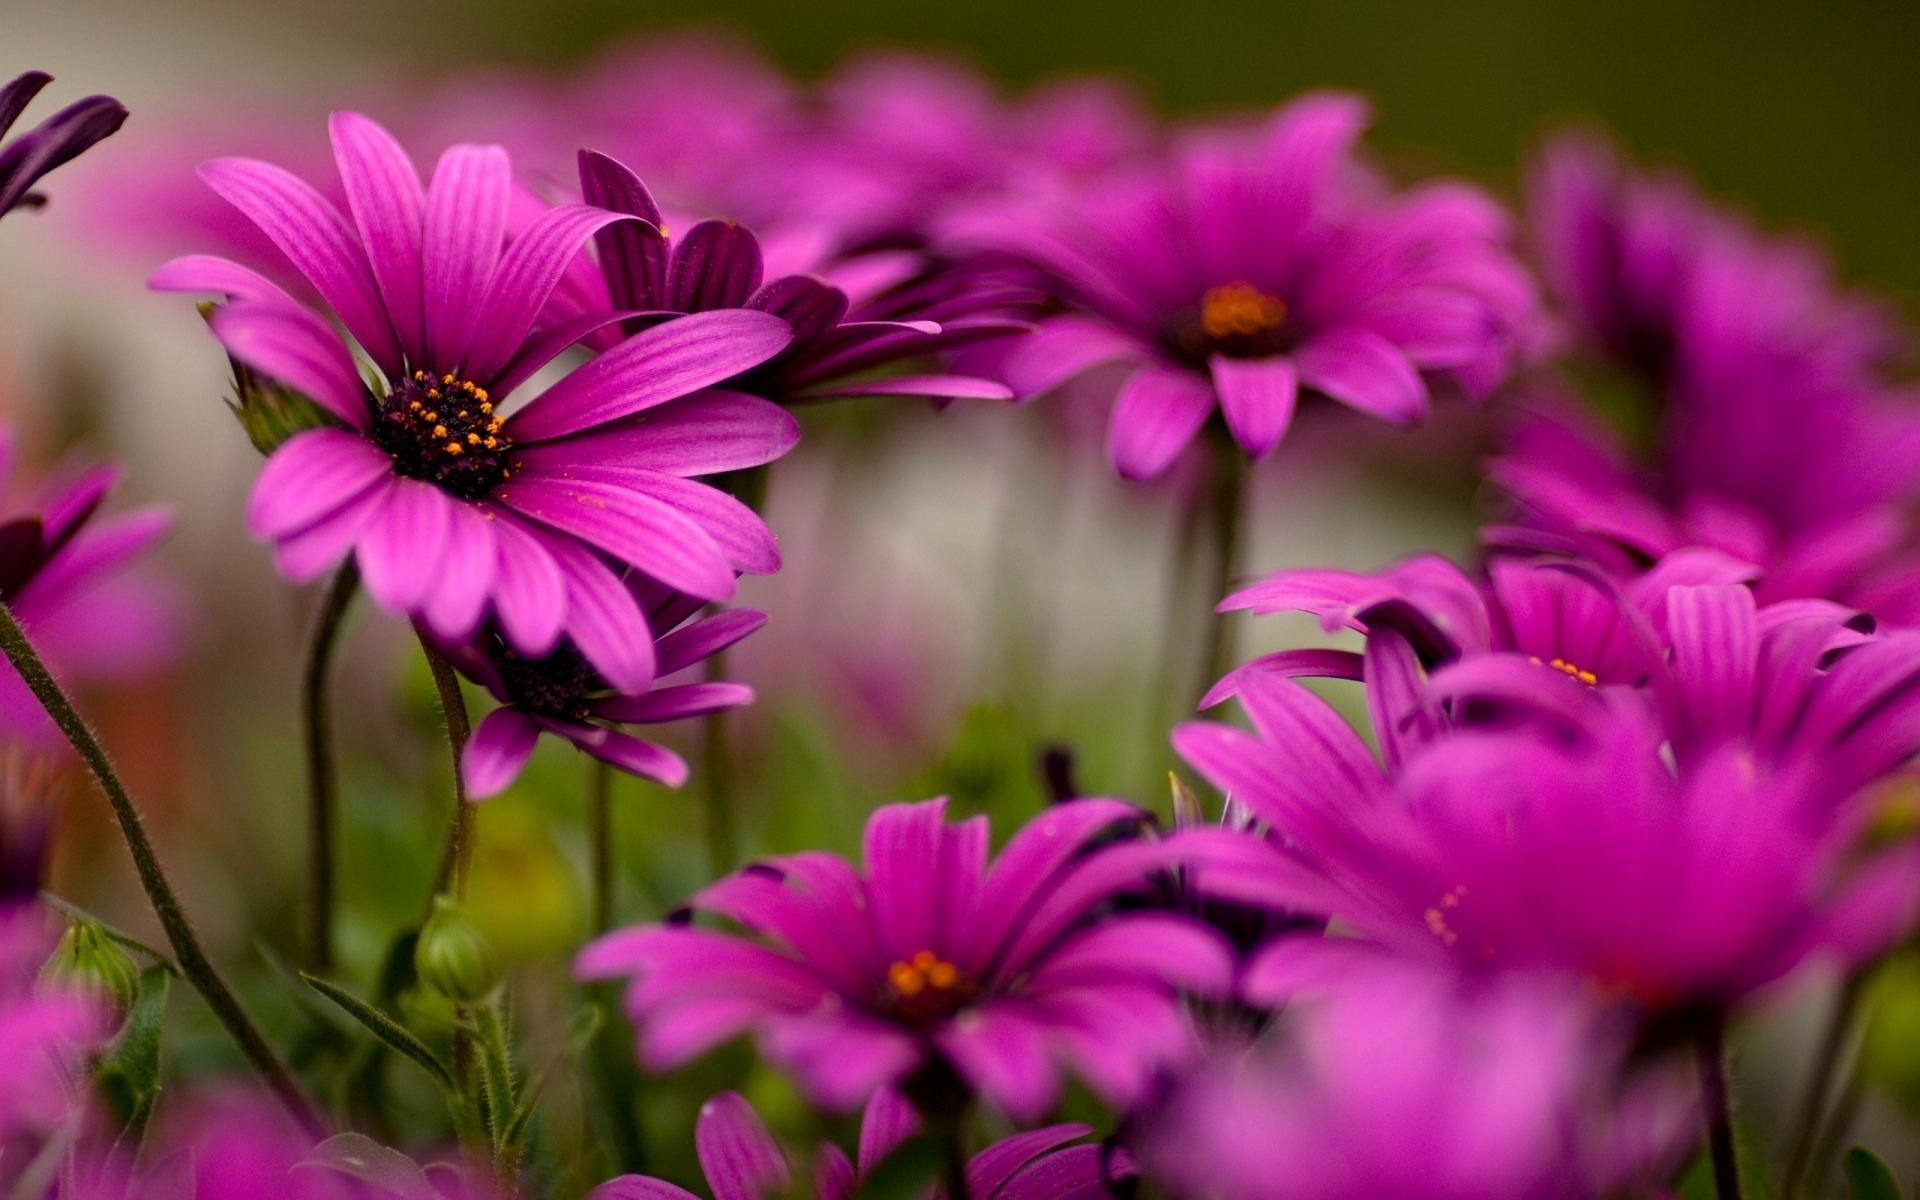 Flores moradas bellas wallpaper 886850 - Fotos flores bellas ...